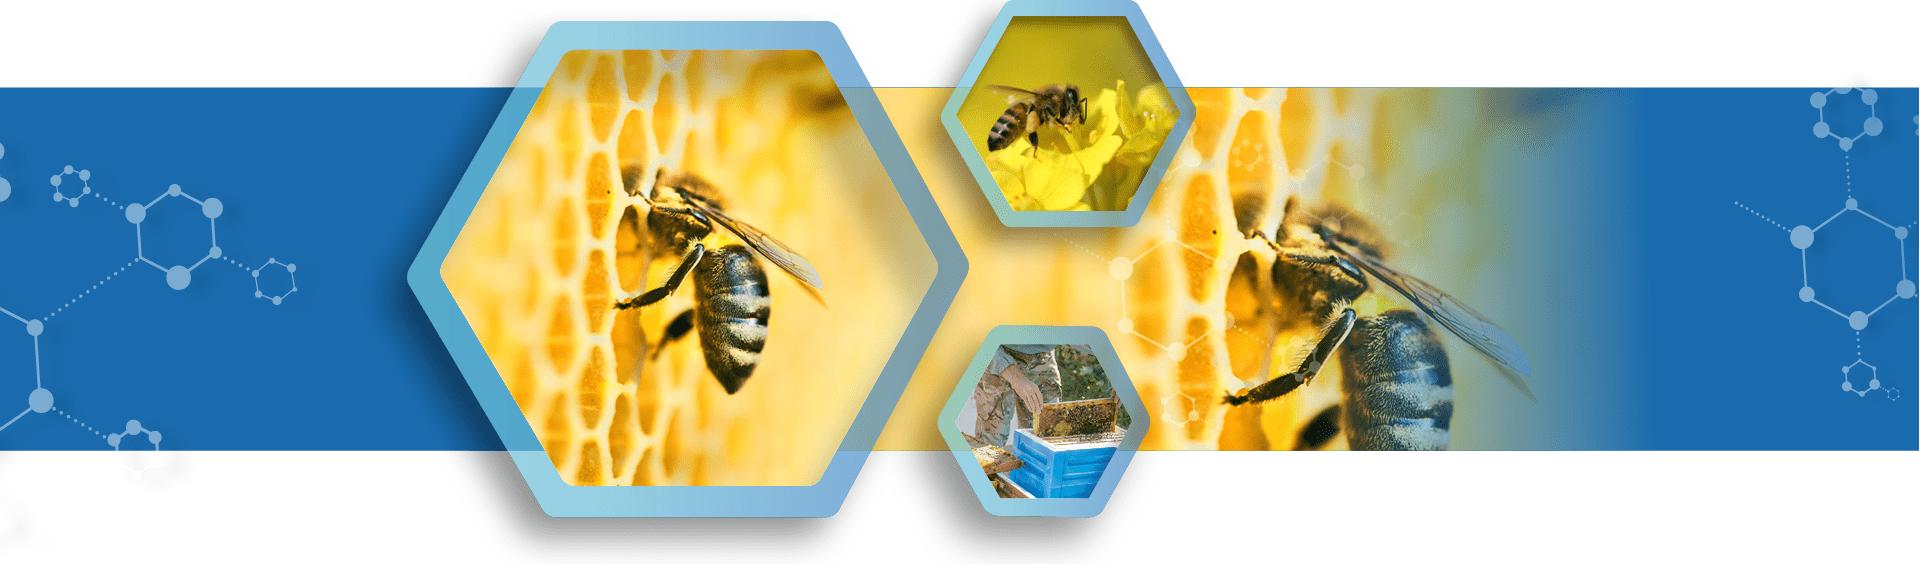 lunazyna pszczoly epigenetyka